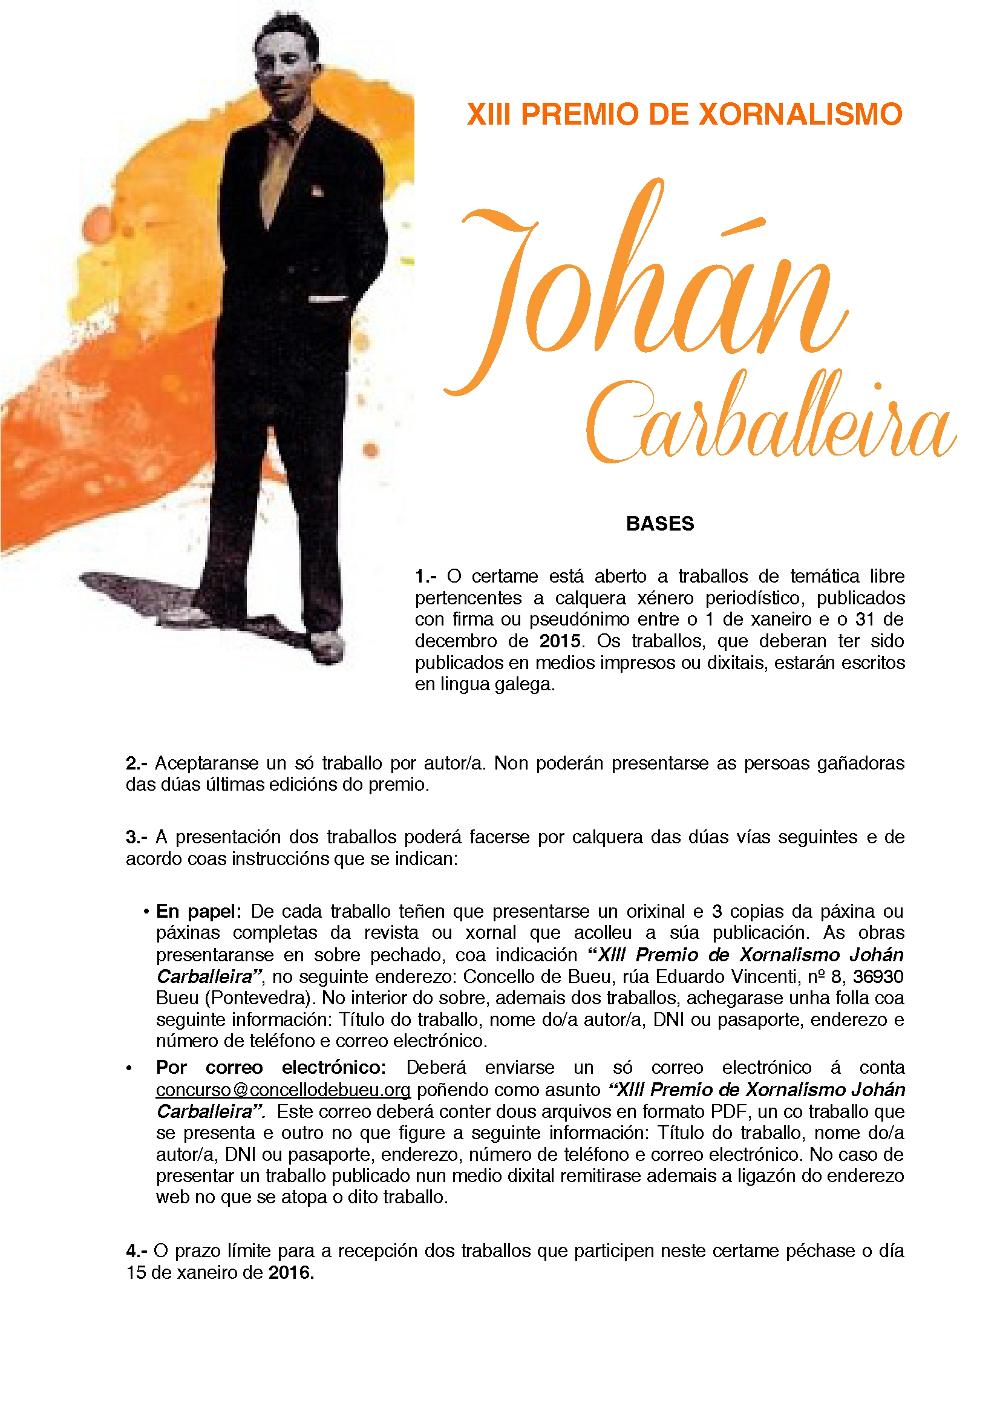 Premio Johán Carballeira xornalismo 1